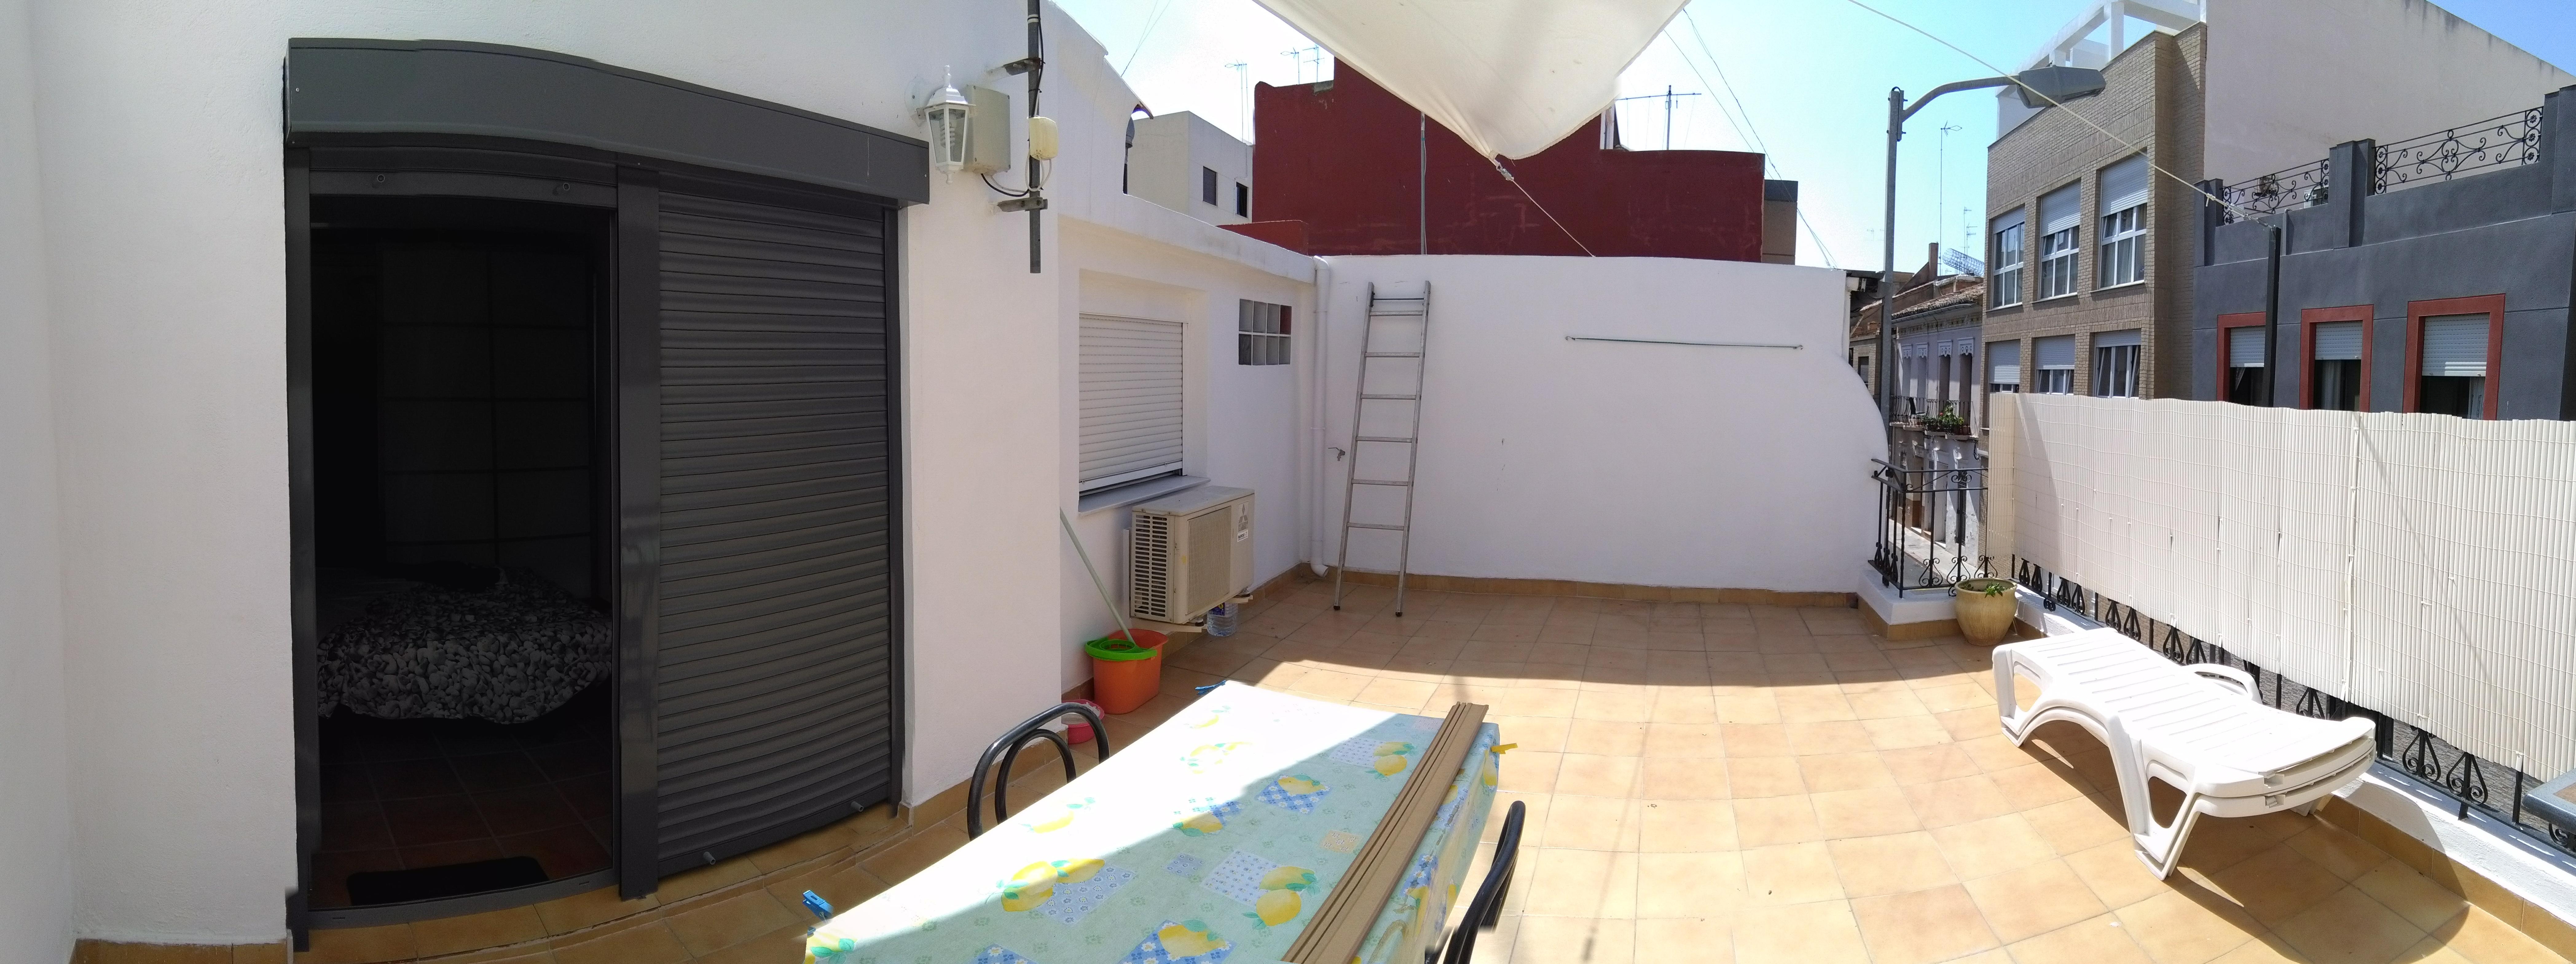 销售位于Puerto De Sagunto (瓦伦西亚省)市中心的独立房子